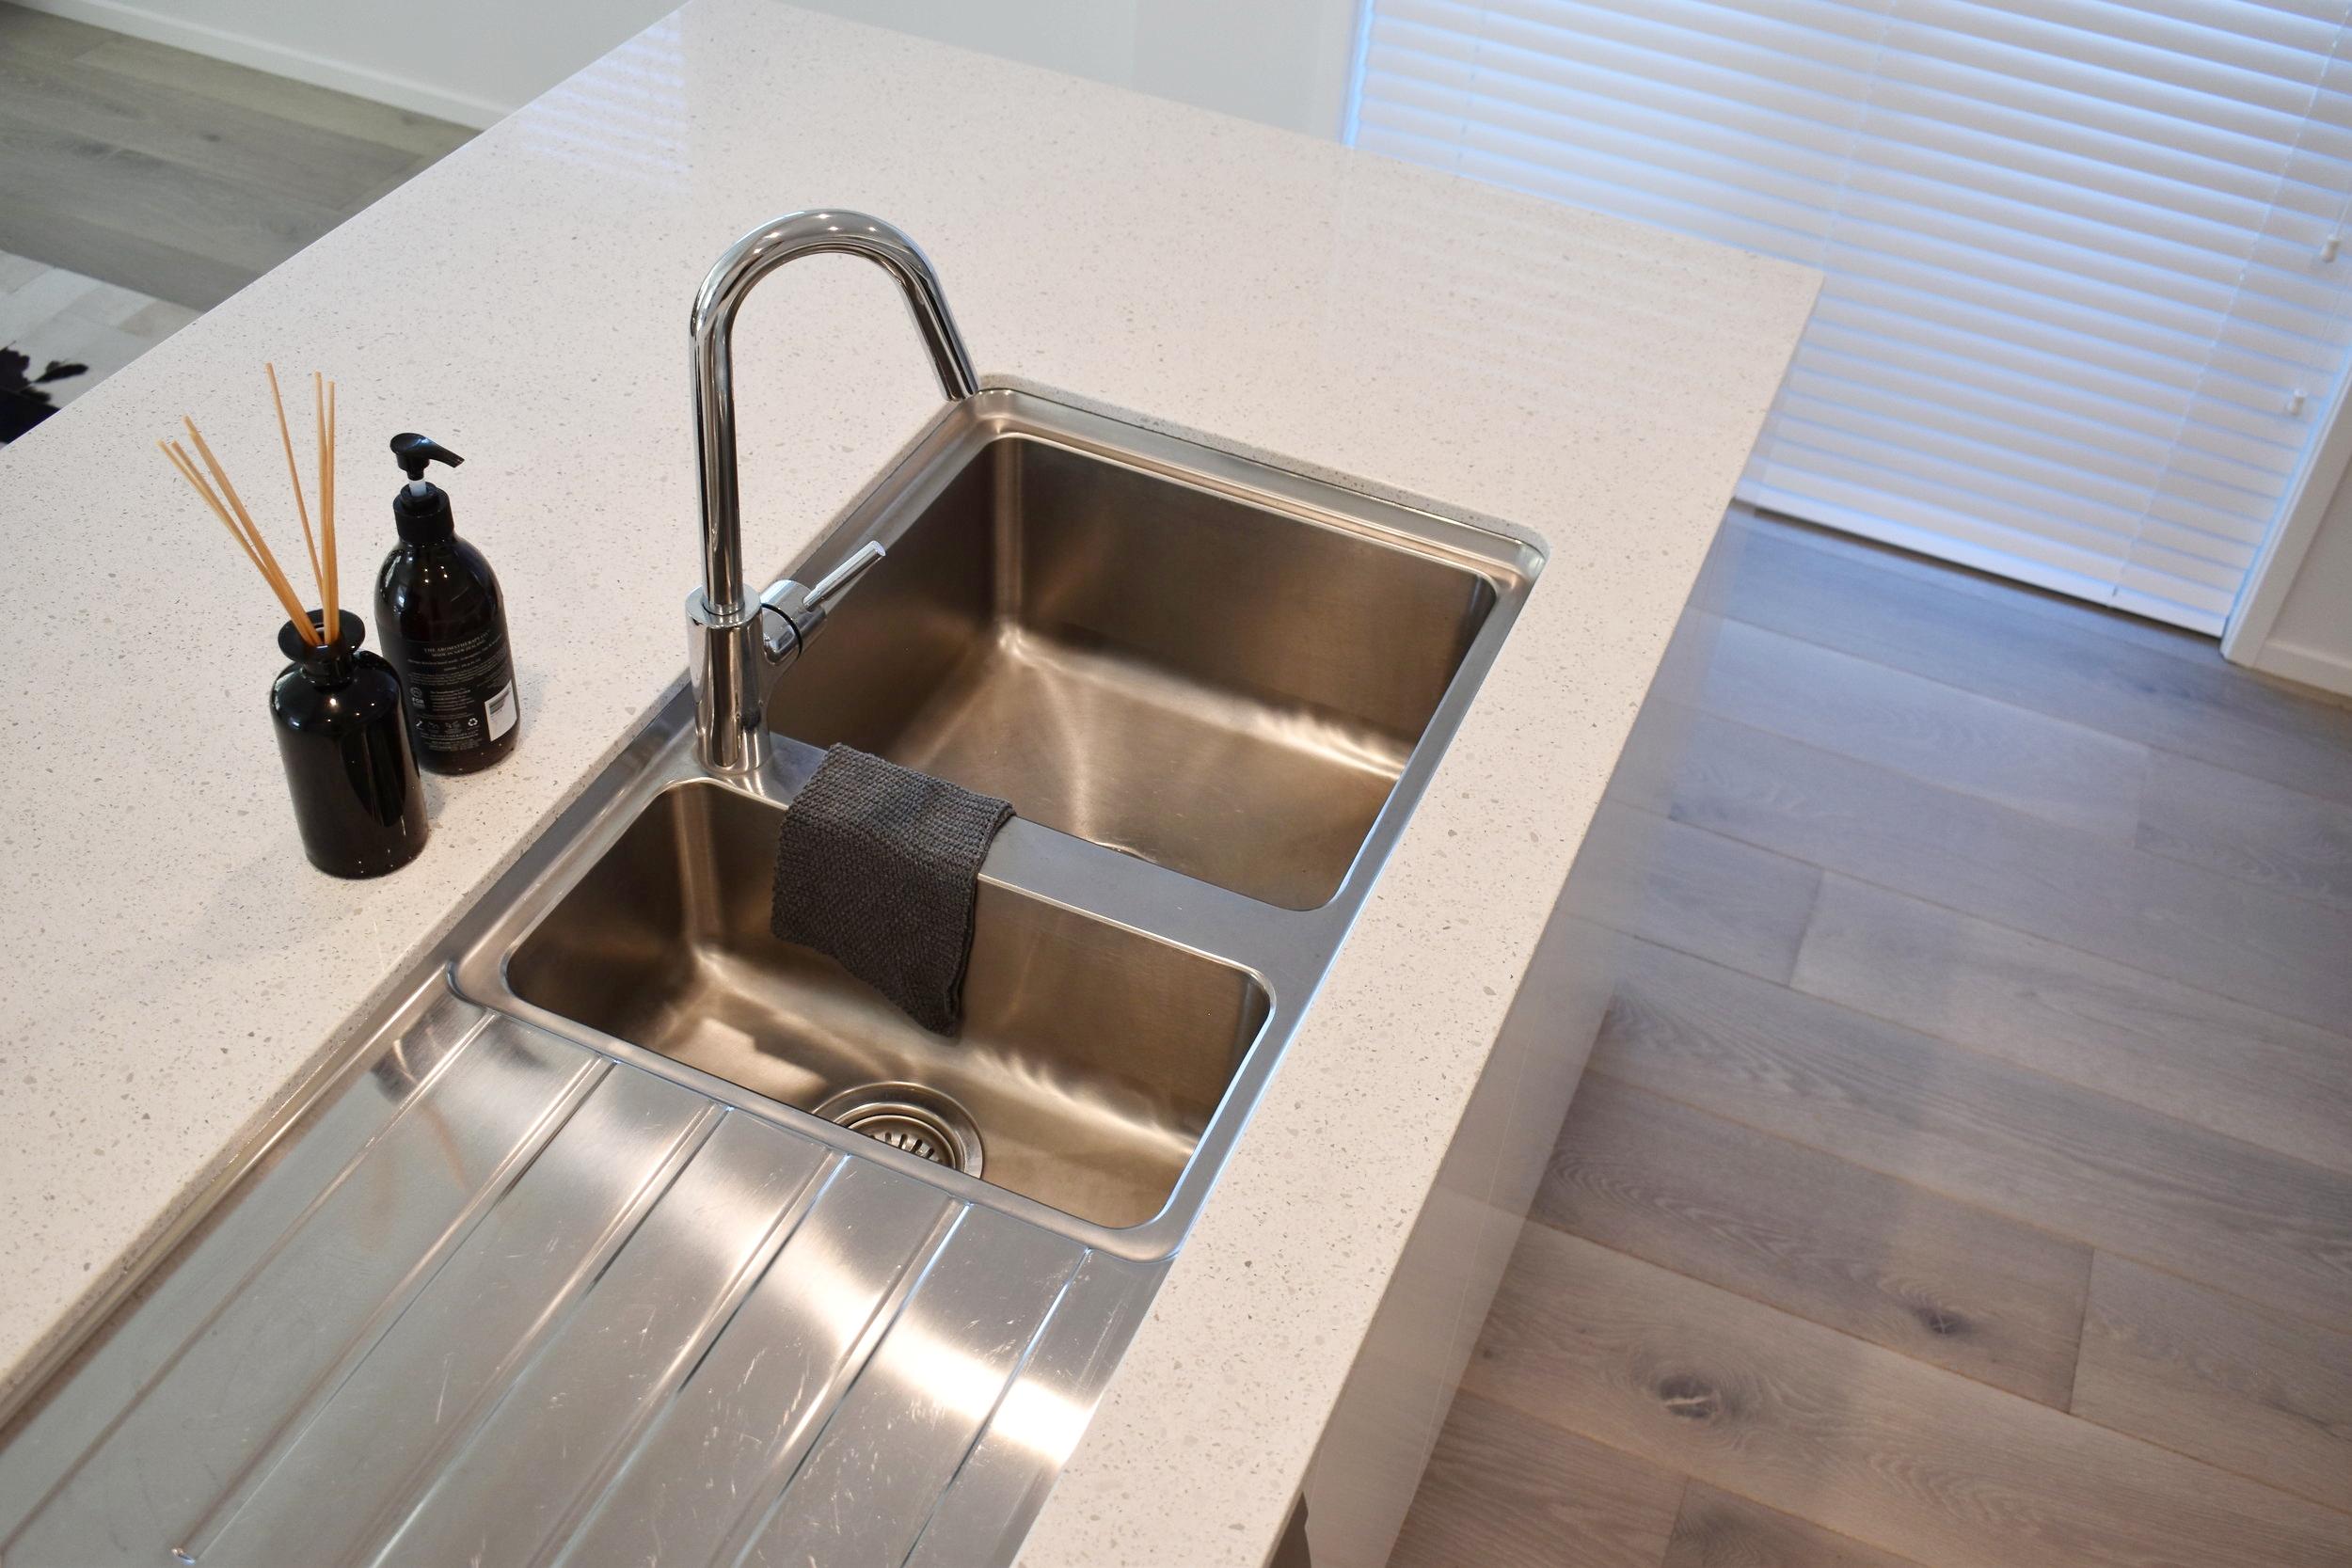 park-rise-kitchen-sink.jpg